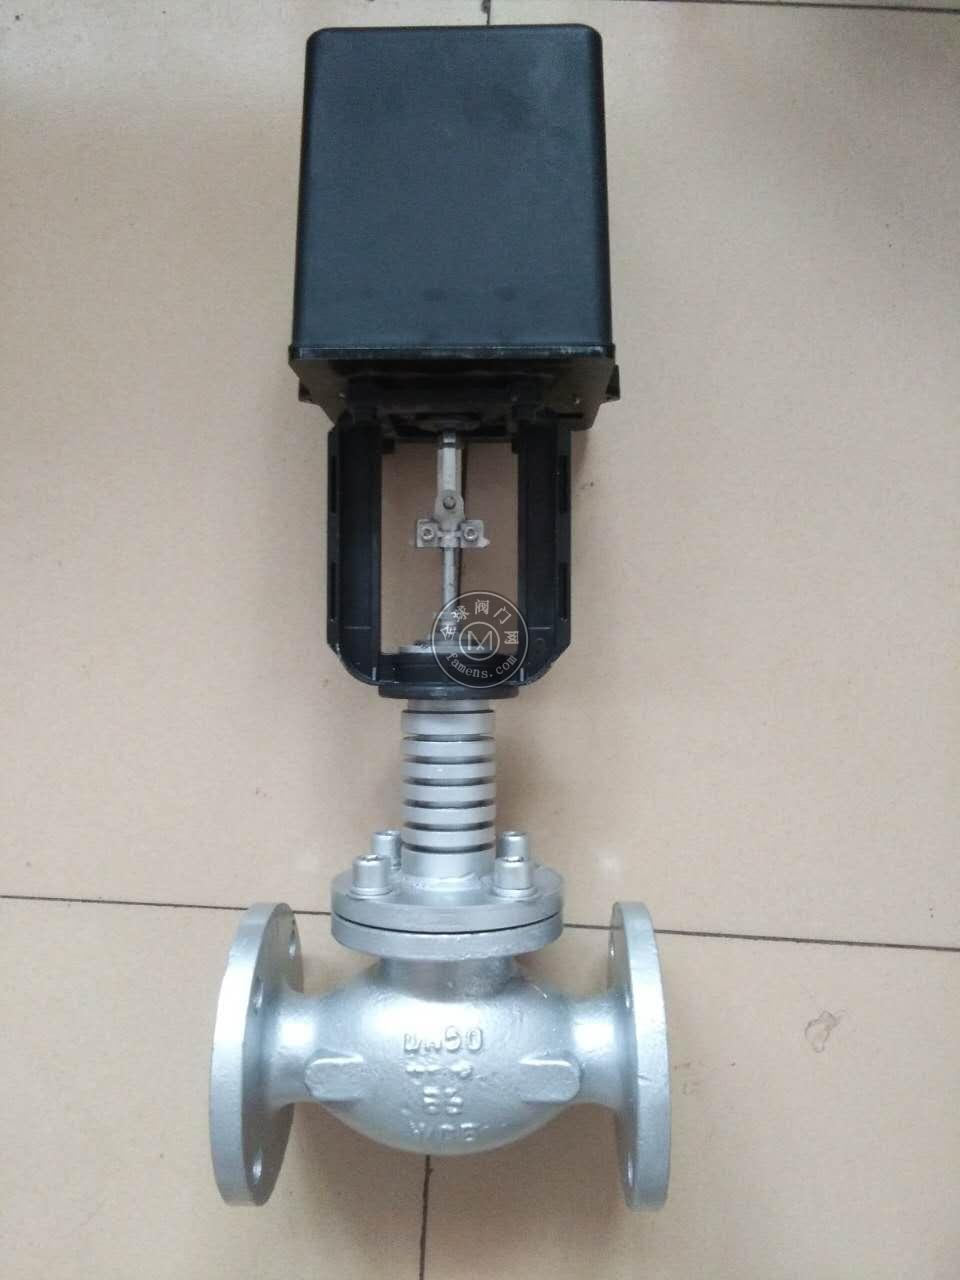 蒸汽电动二通调节阀原理,河北蒸汽电动二通阀,电动蒸汽调节阀好吊色商